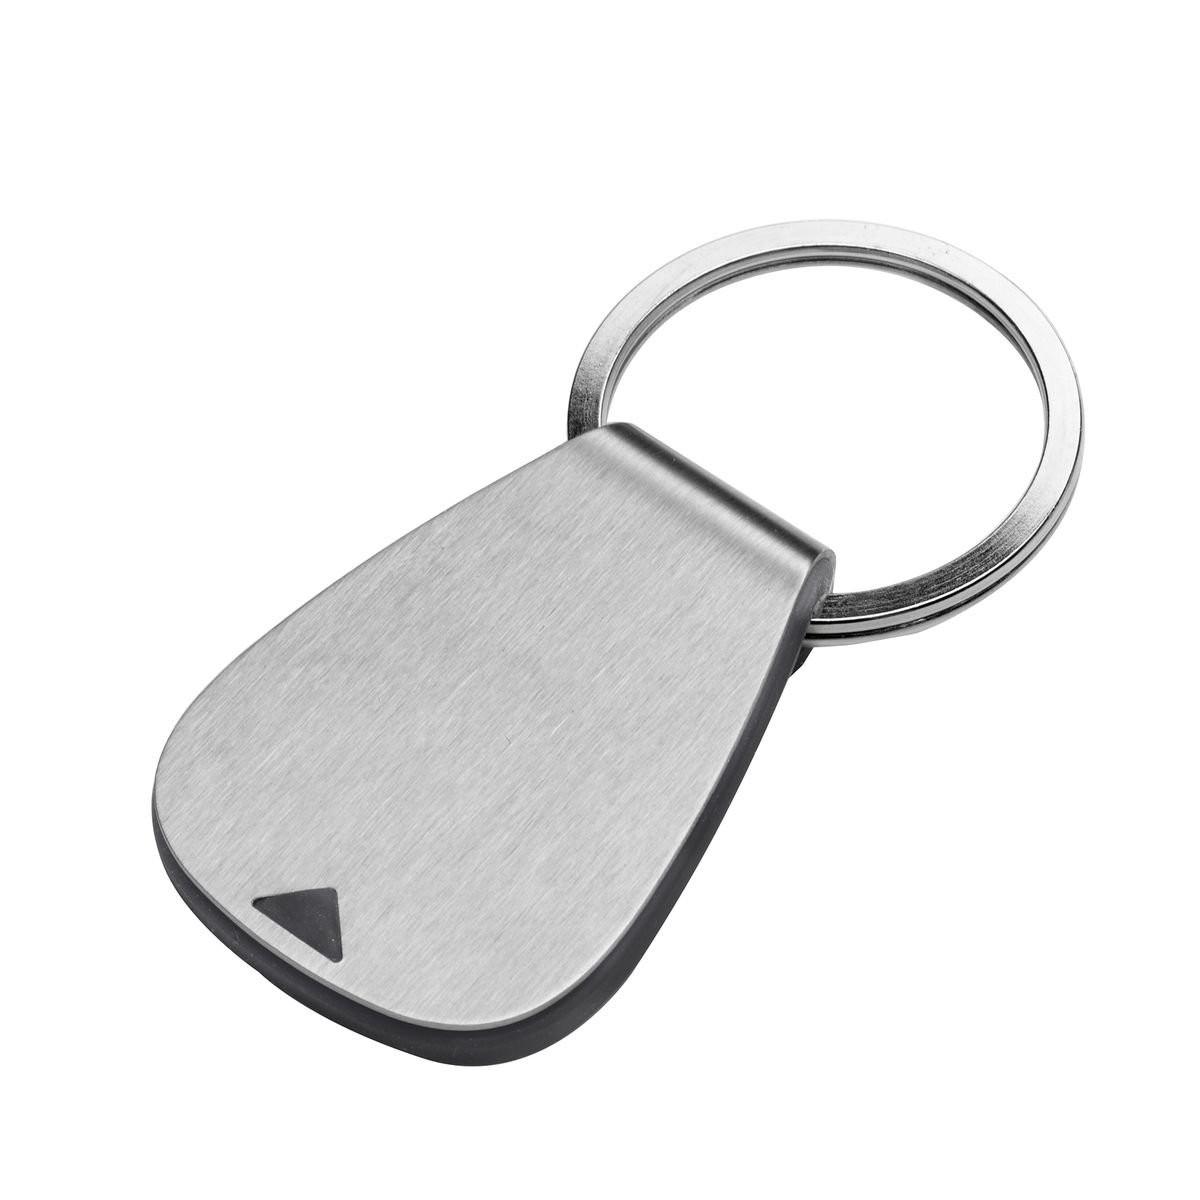 Winkelwagenmunthouder / sleutelhanger REFLECTS-AGU